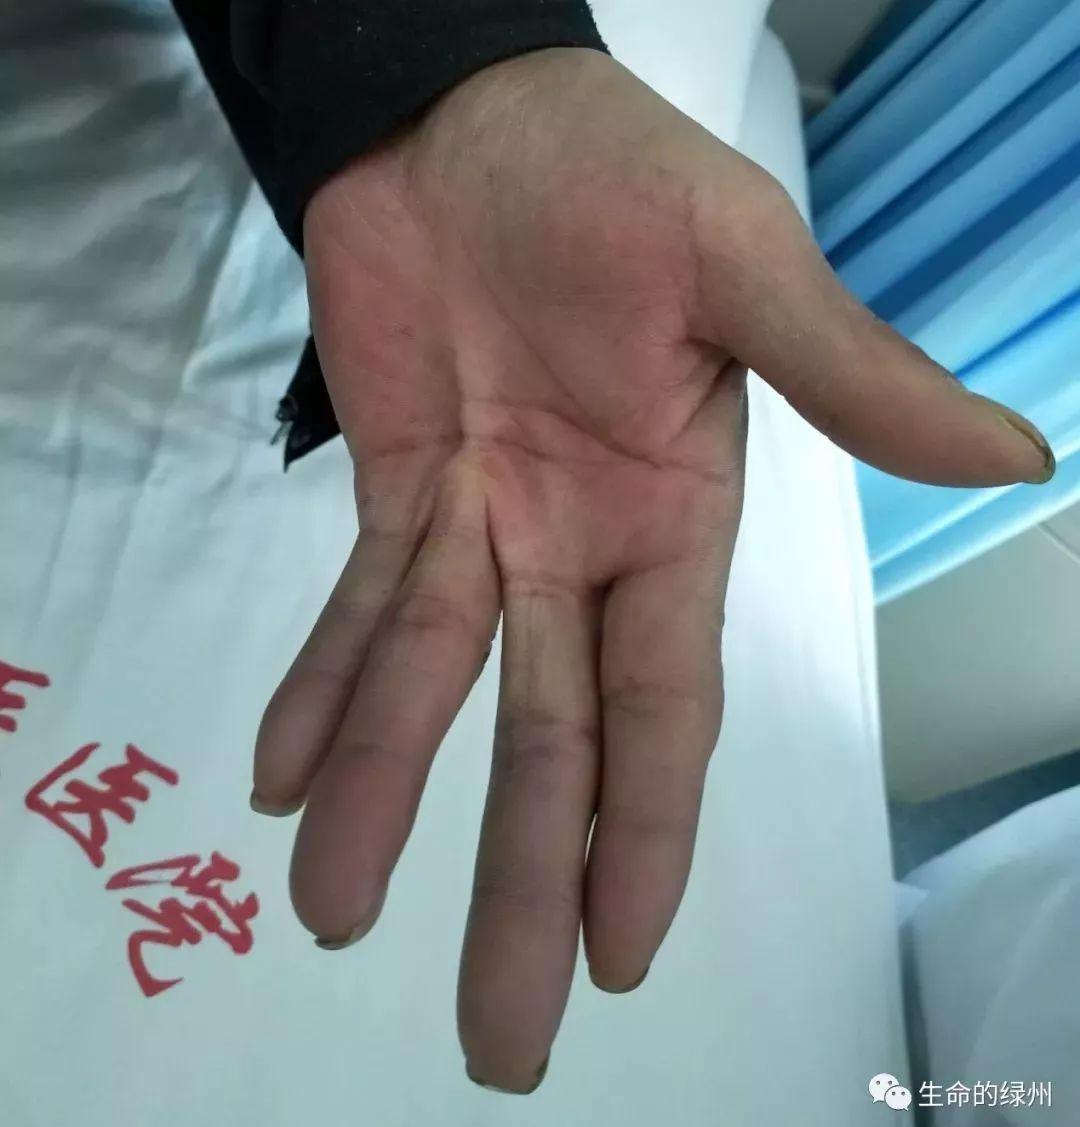 手指关节痛是风湿吗